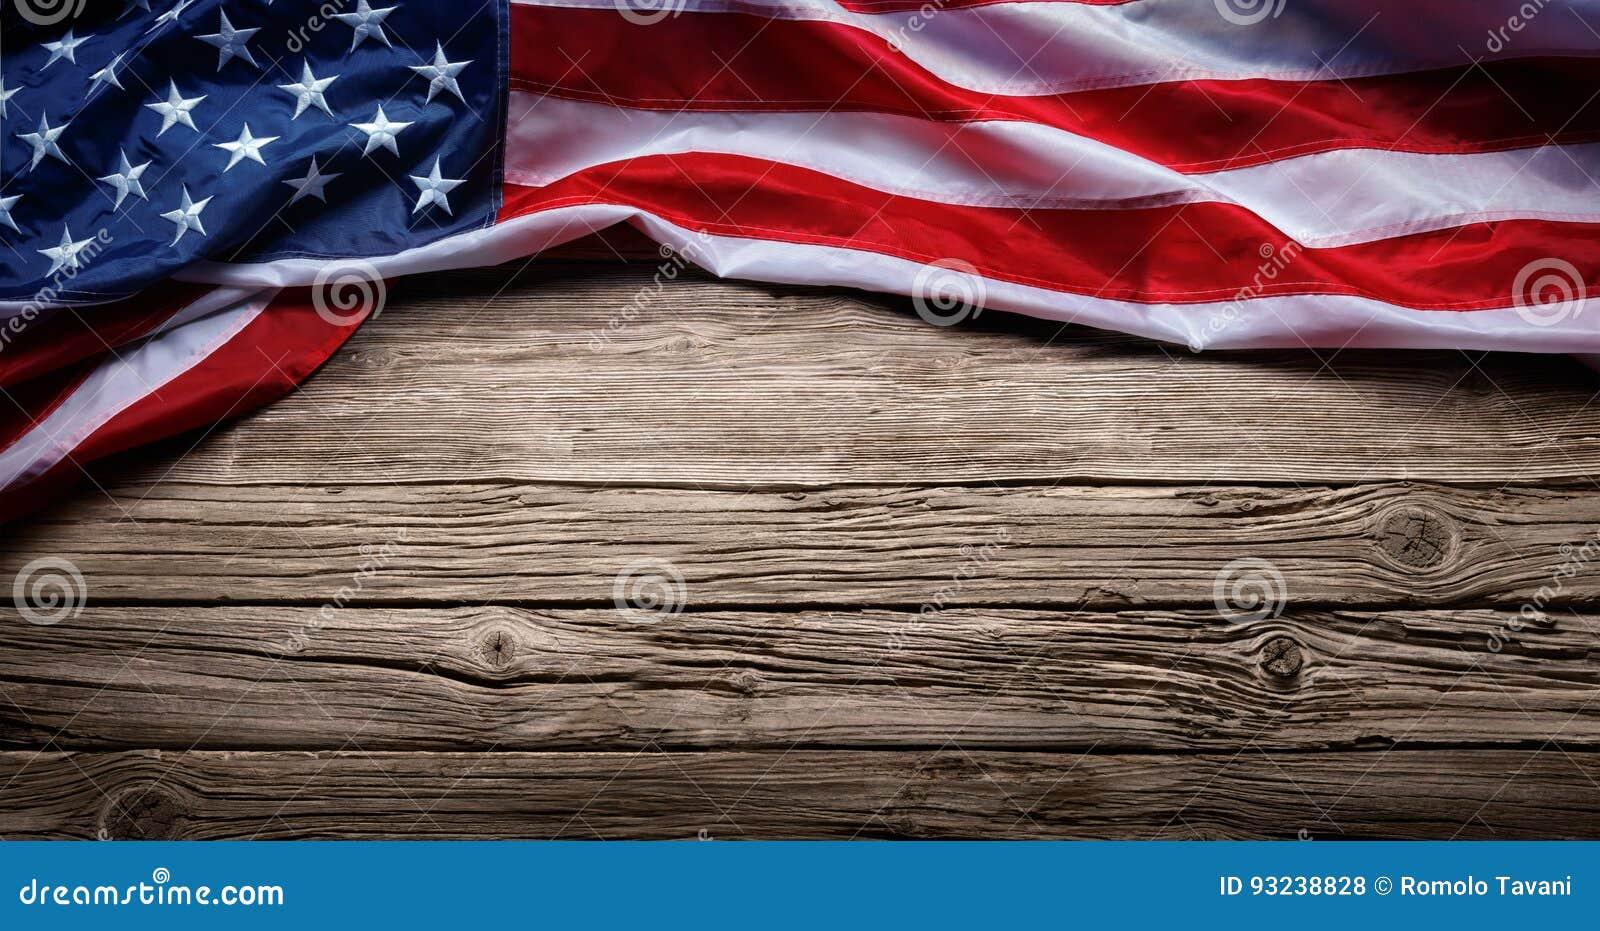 Αμερικανική σημαία στο εκλεκτής ποιότητας ξύλο